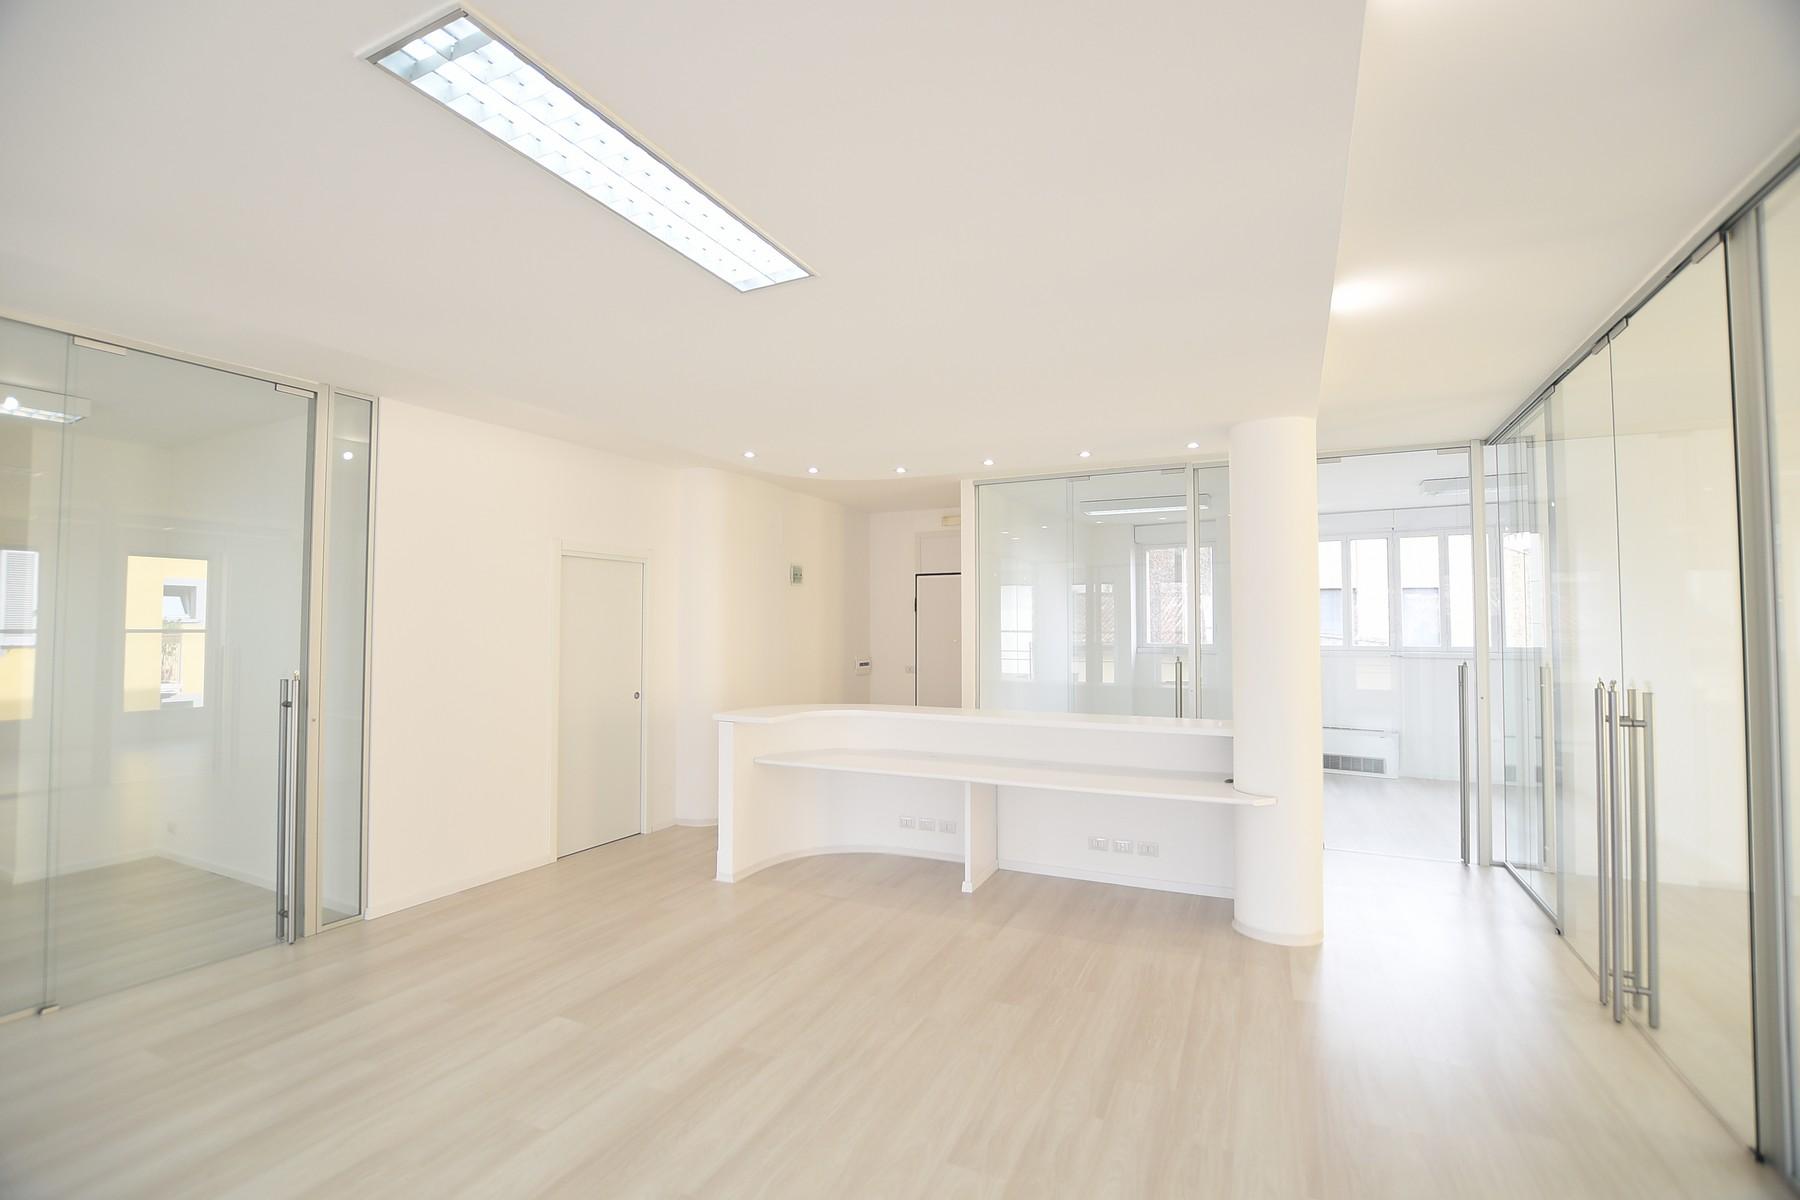 Ufficio-studio in Vendita a Como Centro: 190 mq